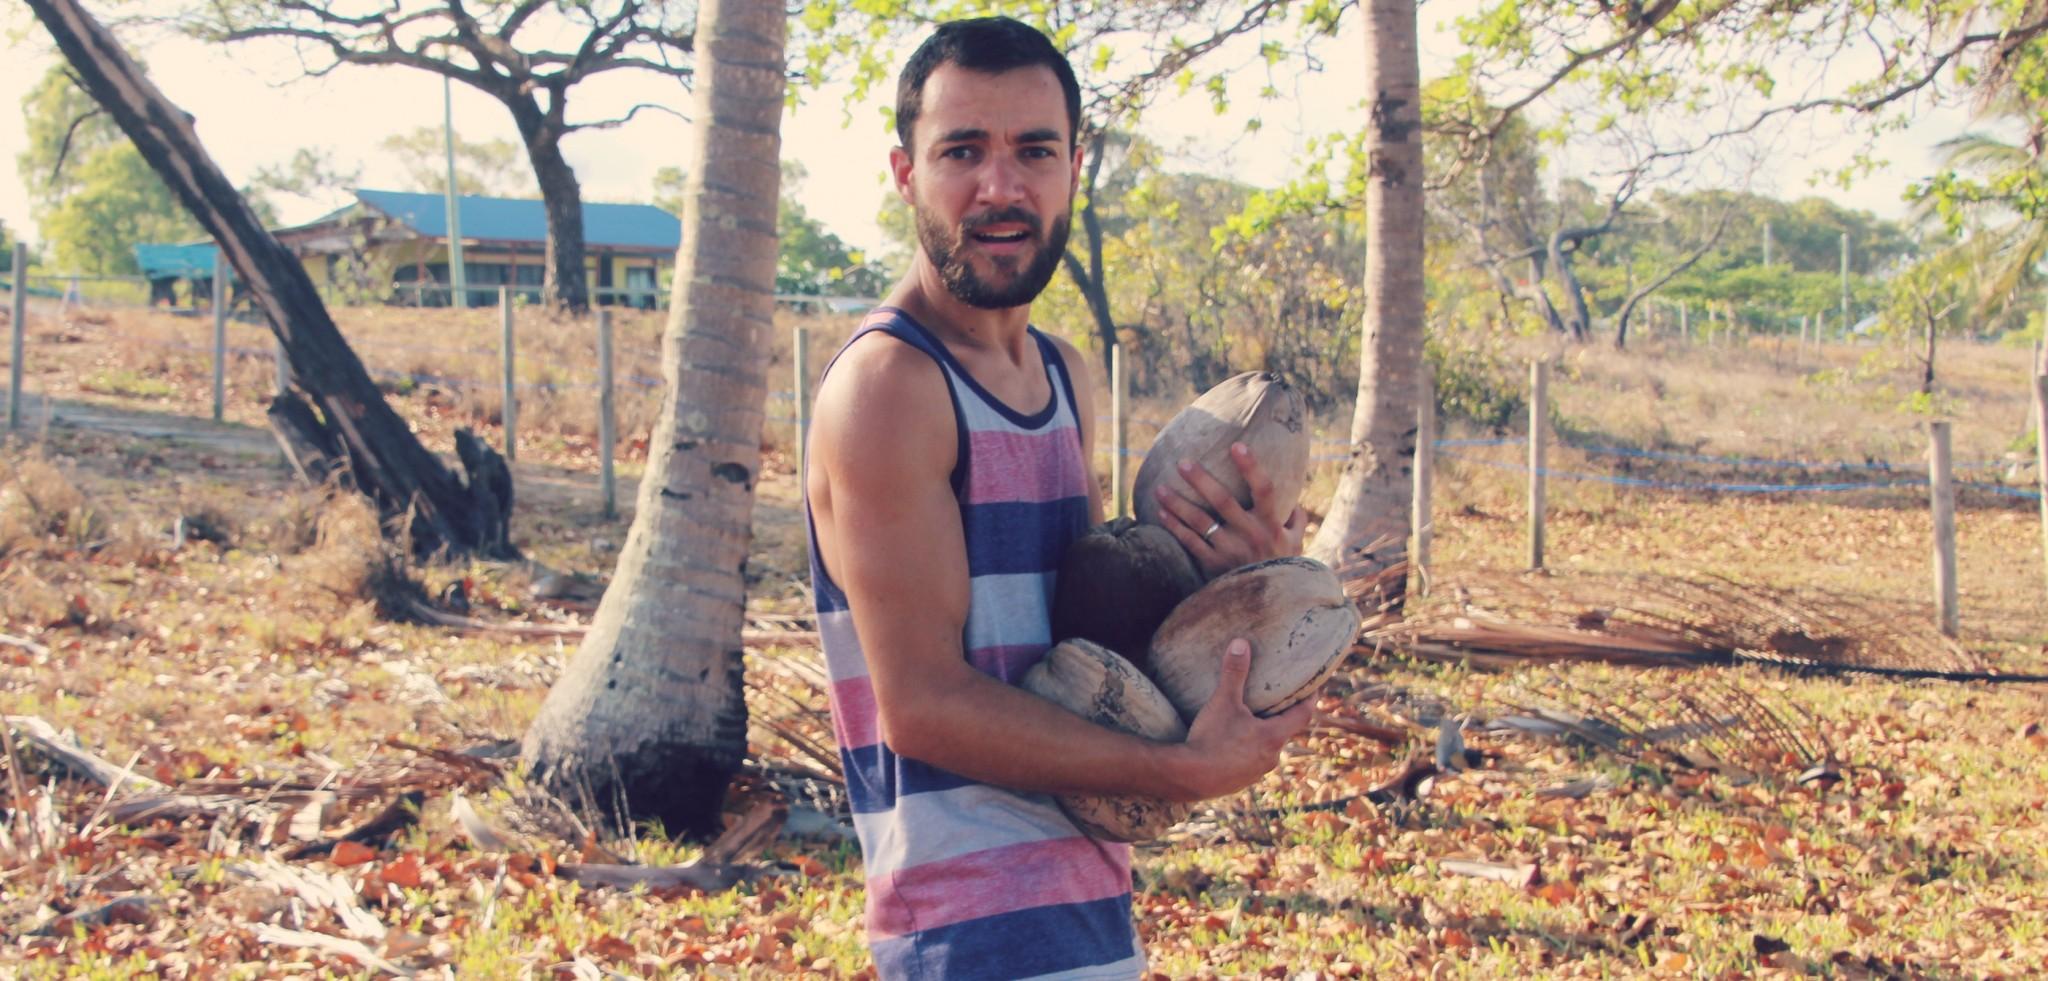 Tom ramasse des noix de coco sur la plage.